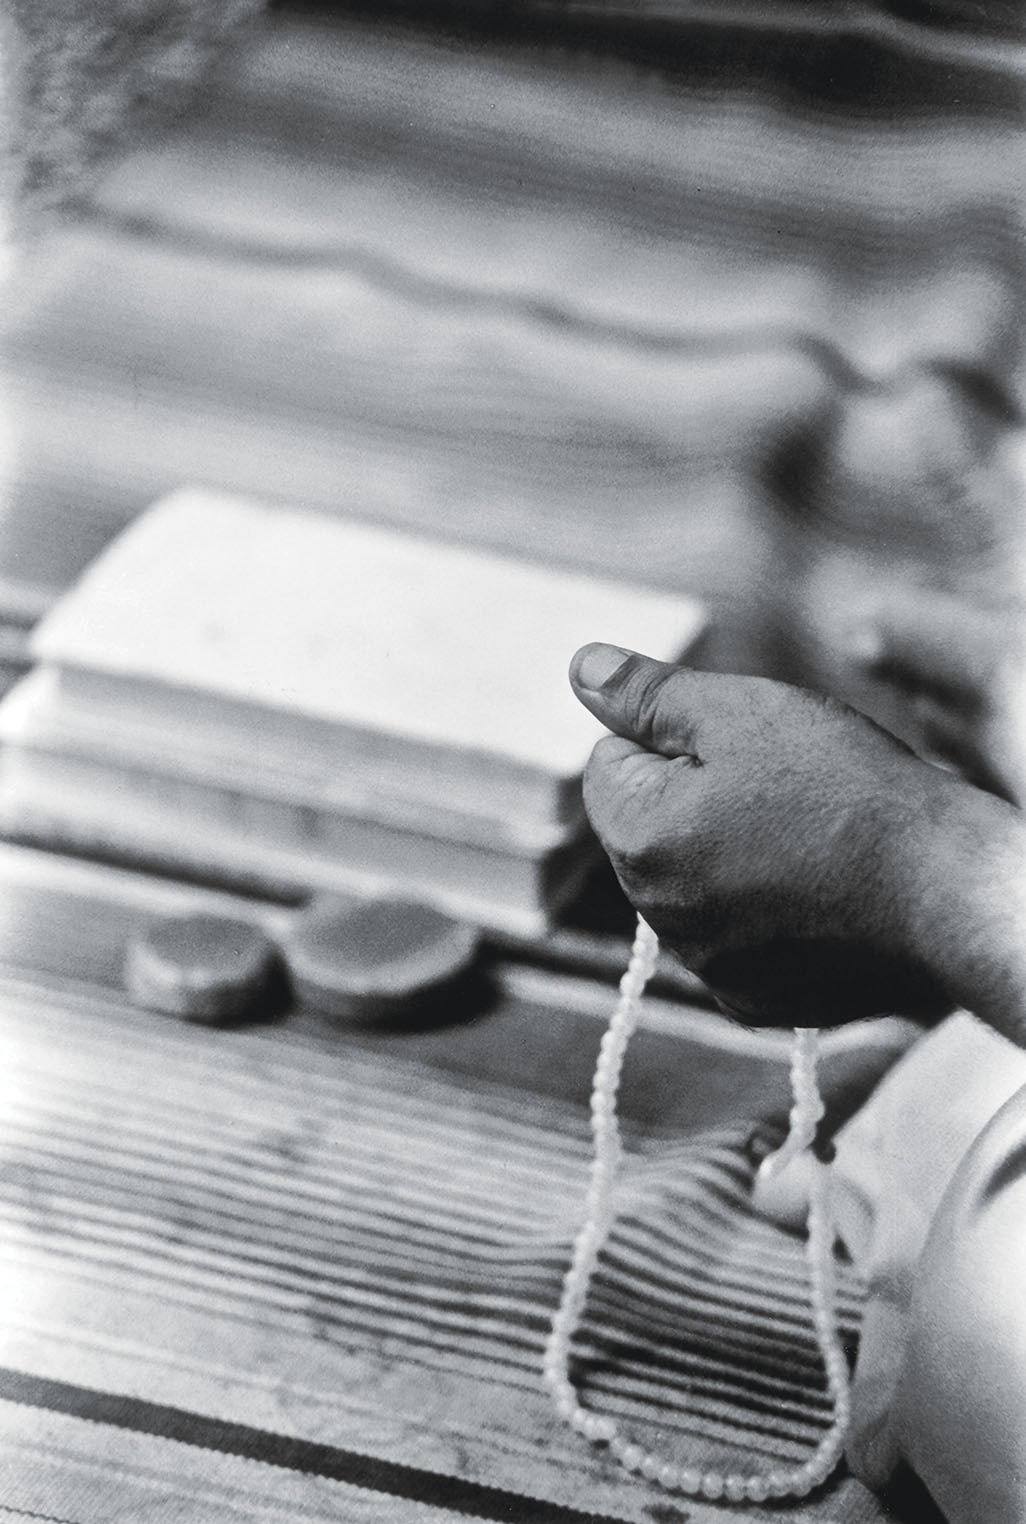 A man prays at an imambargah in Kharadar, Karachi   Arif Mahmood, White Star